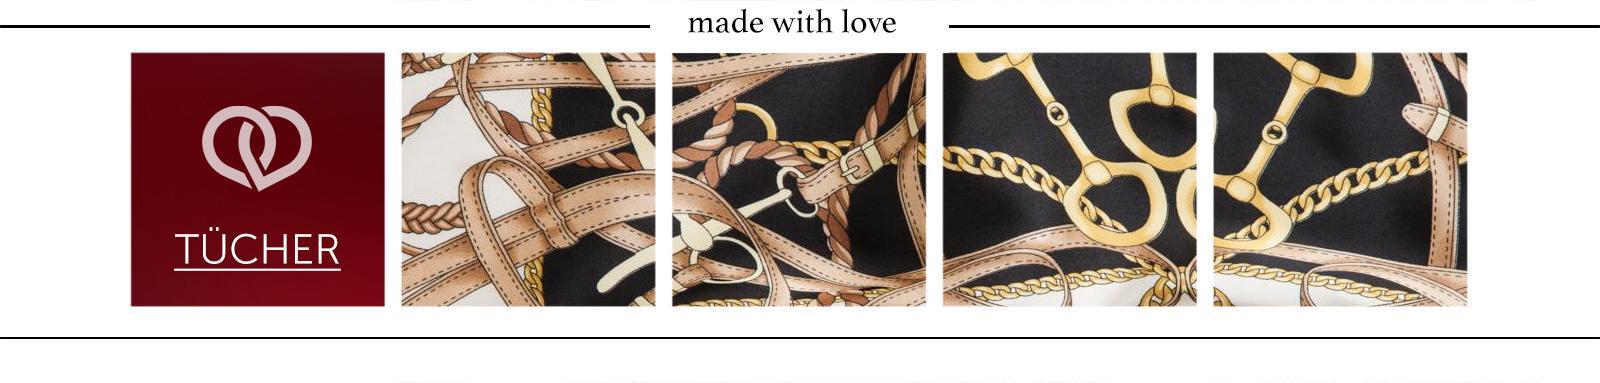 High-Fashion Strick und Seidenschals für trendige Outfit Kombinationen Schal & Tücher Schal & Tücher